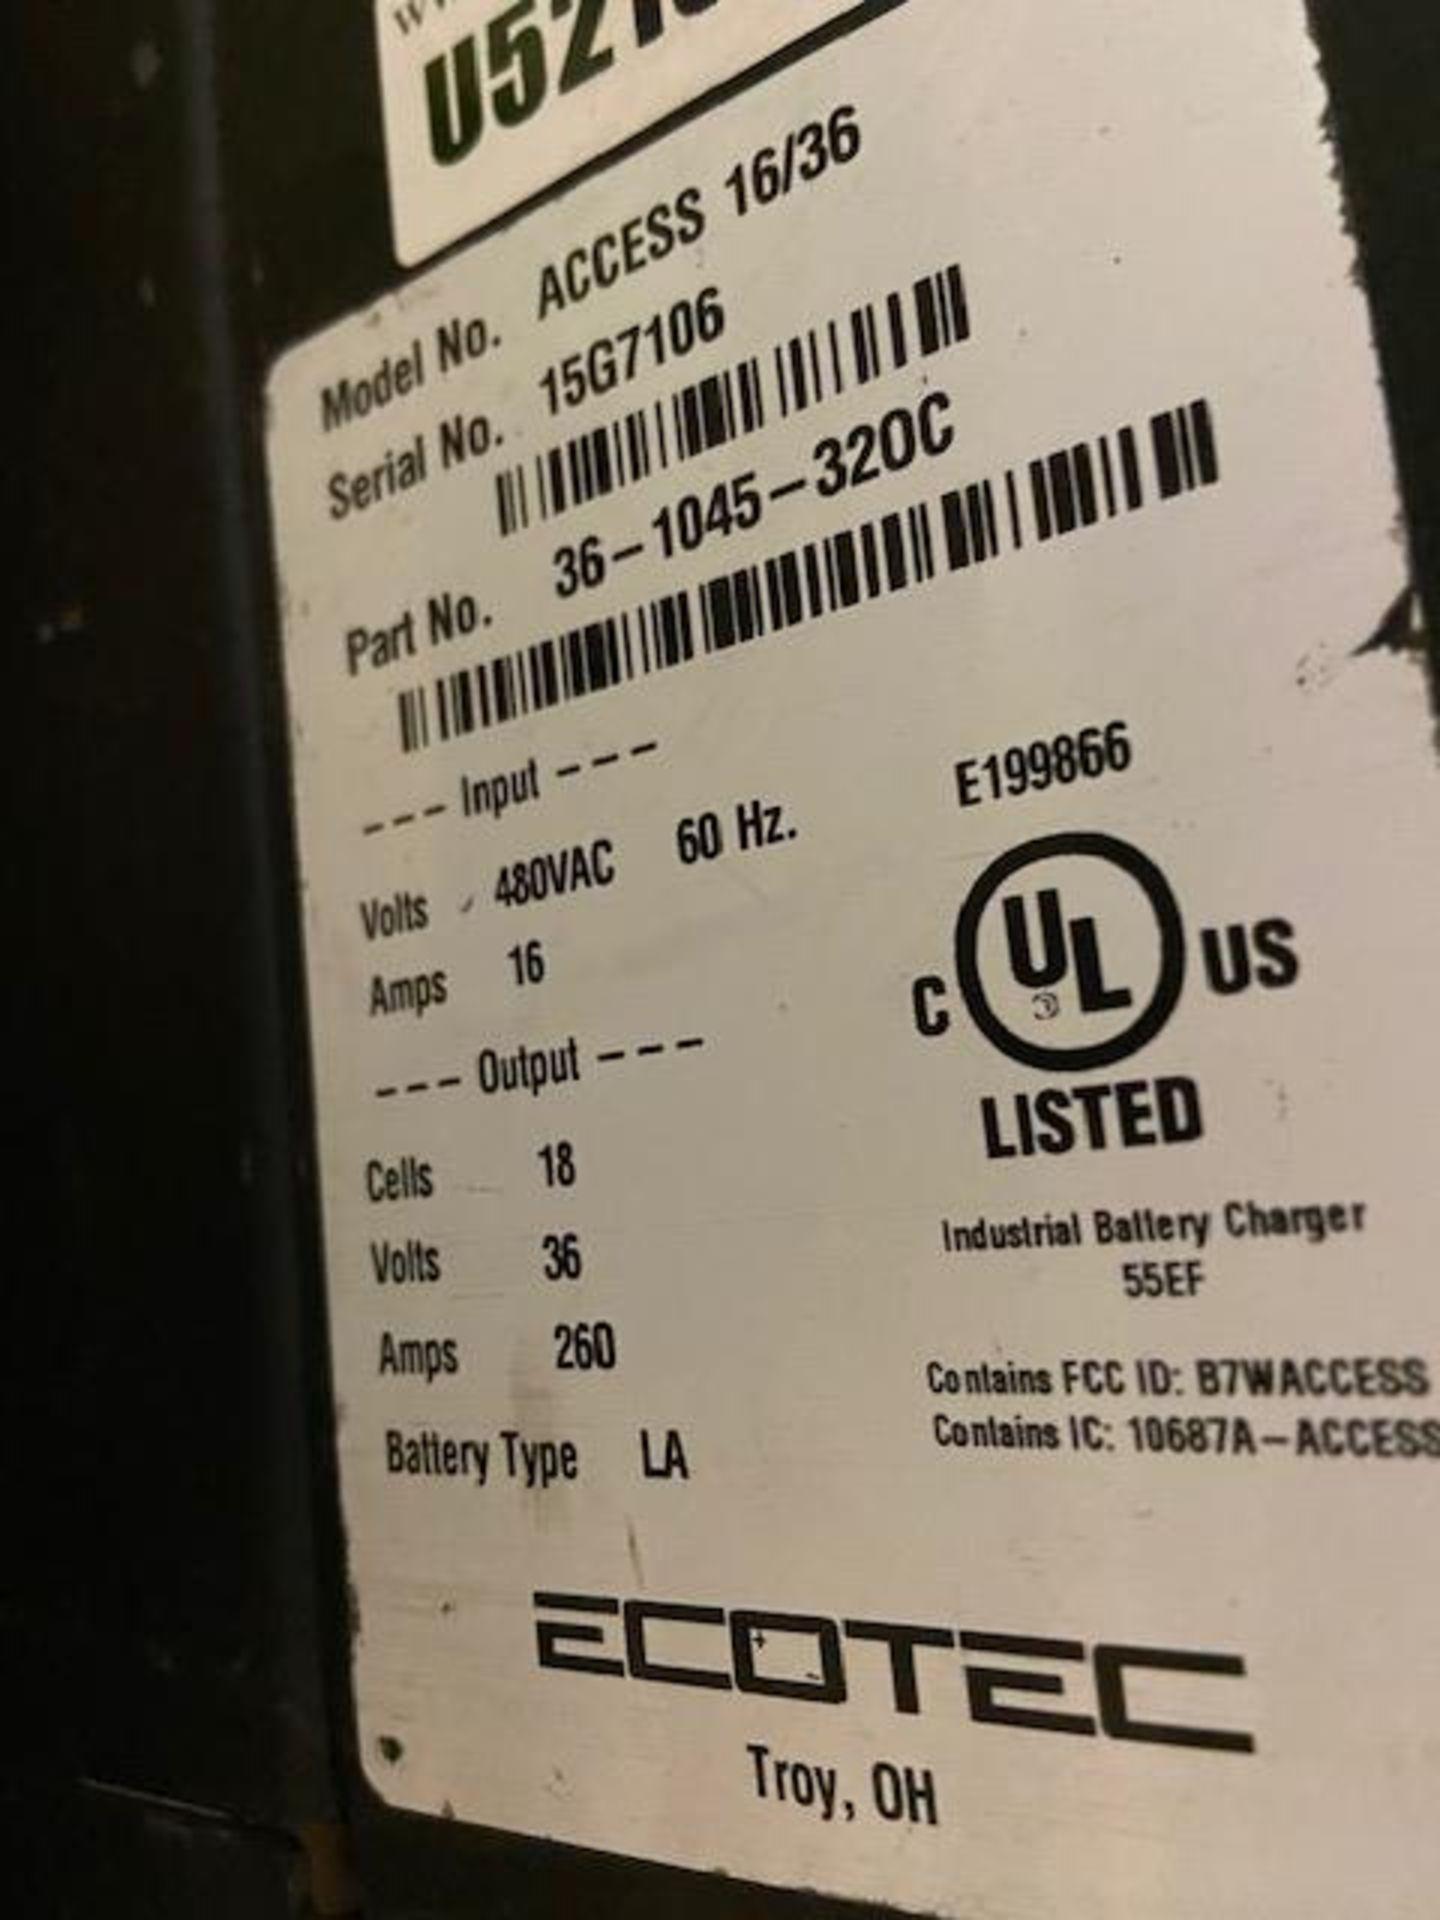 EcoTec Forklift Battery Charger - 36V unit - Image 2 of 2